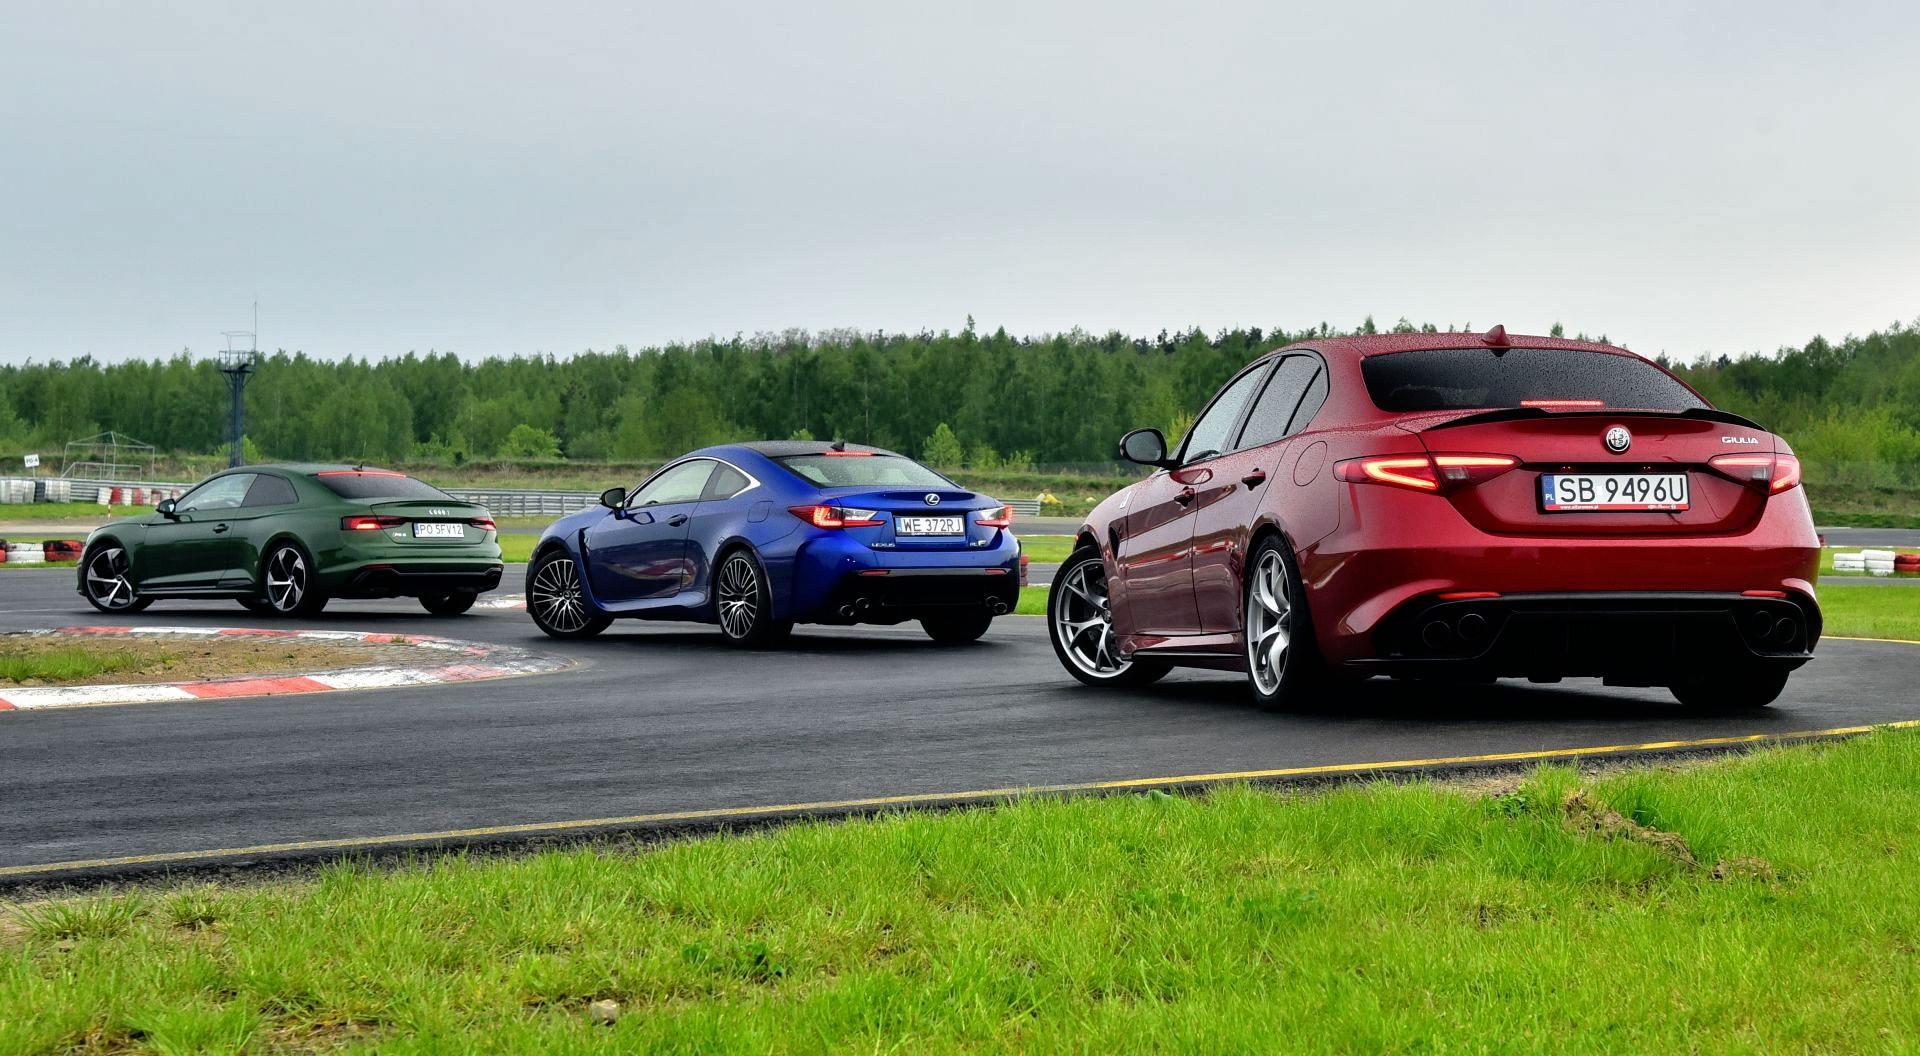 Porównanie Alfa Romeo Giulia, Audi RS 5, Lexus RC F - otwierające